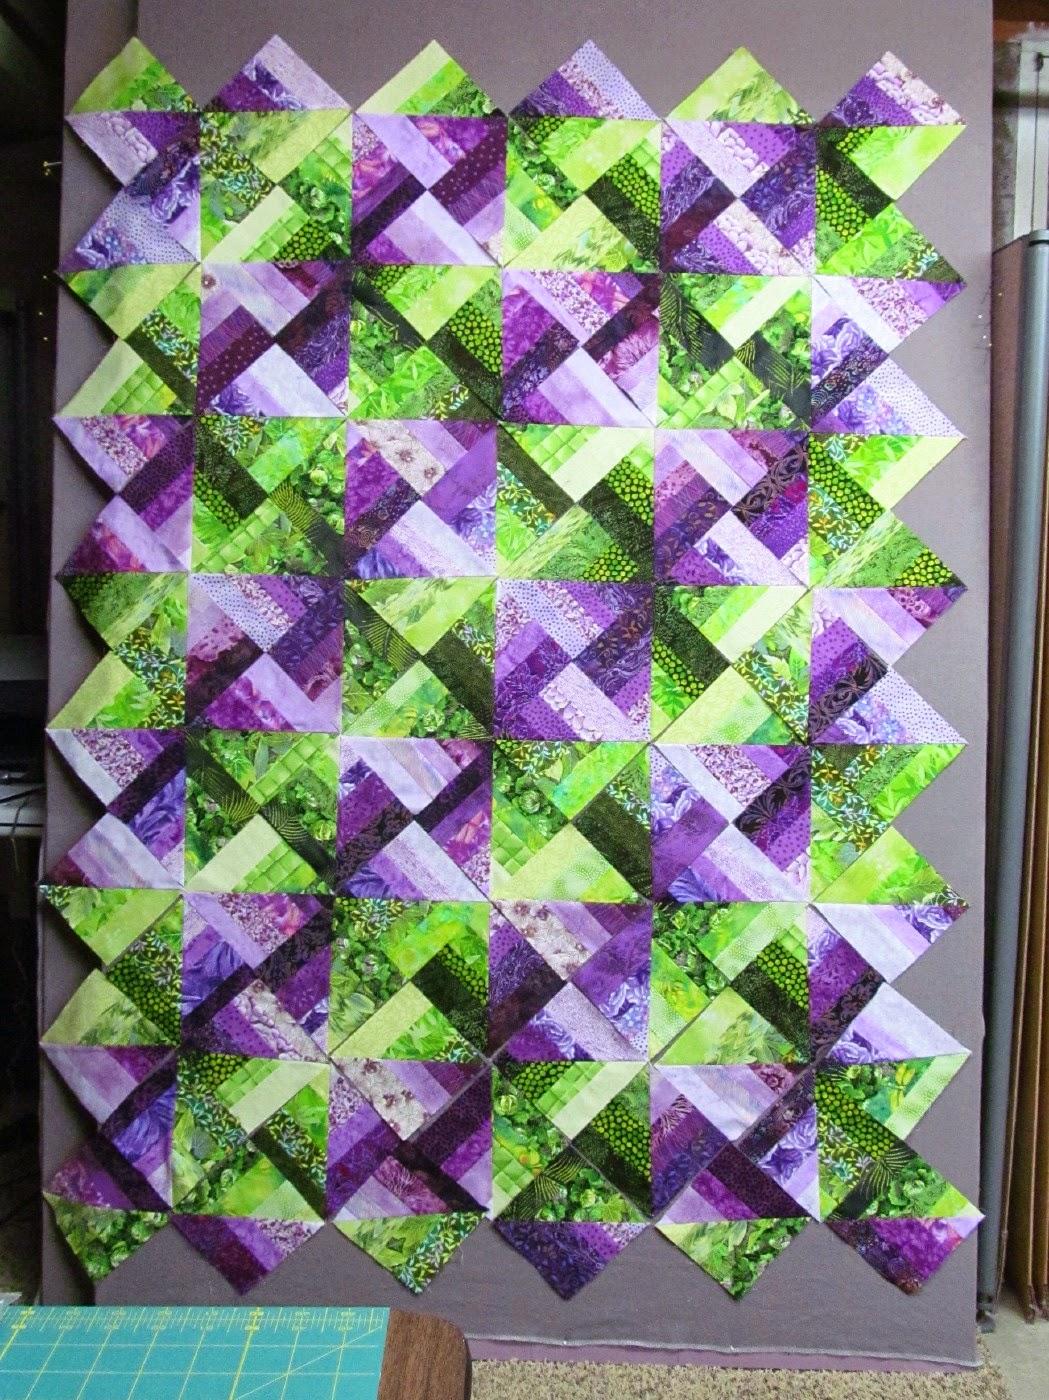 http://2.bp.blogspot.com/-PdHGZuestB4/VPFD1UG93-I/AAAAAAAAY-Y/w6U_XuXHlws/s1600/purple%2Bgreen%2Bstrips%2Bt%2Bsiz.jpg